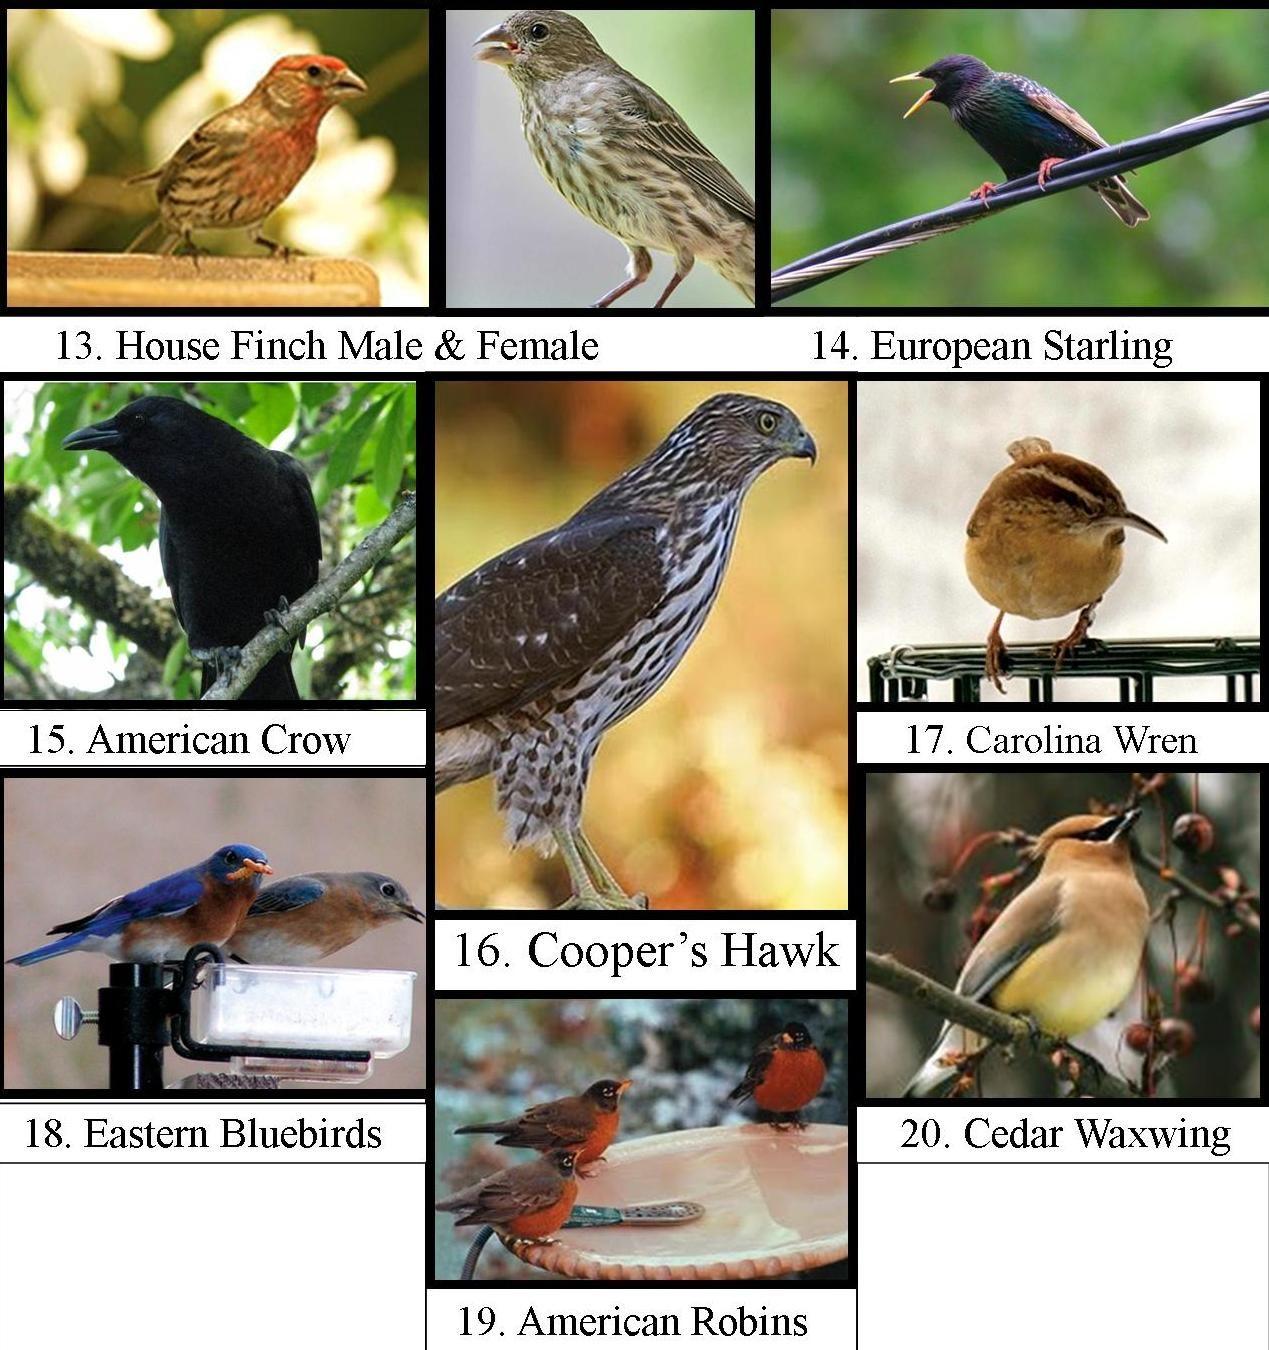 Wild Birds Unlimited Michigan S Top 20 Winter Backyard Birds Wild Birds Unlimited Winter Bird Backyard Birds